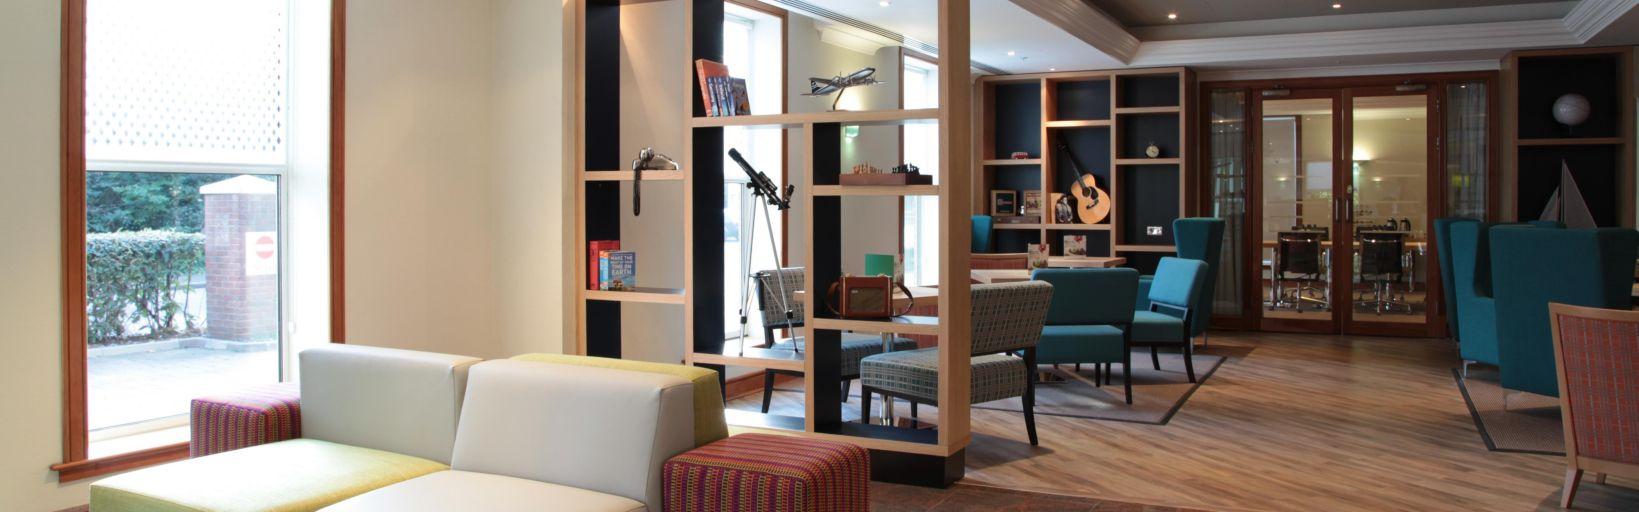 Heathrow Airport Hotel Holiday Inn London Heathrow T5